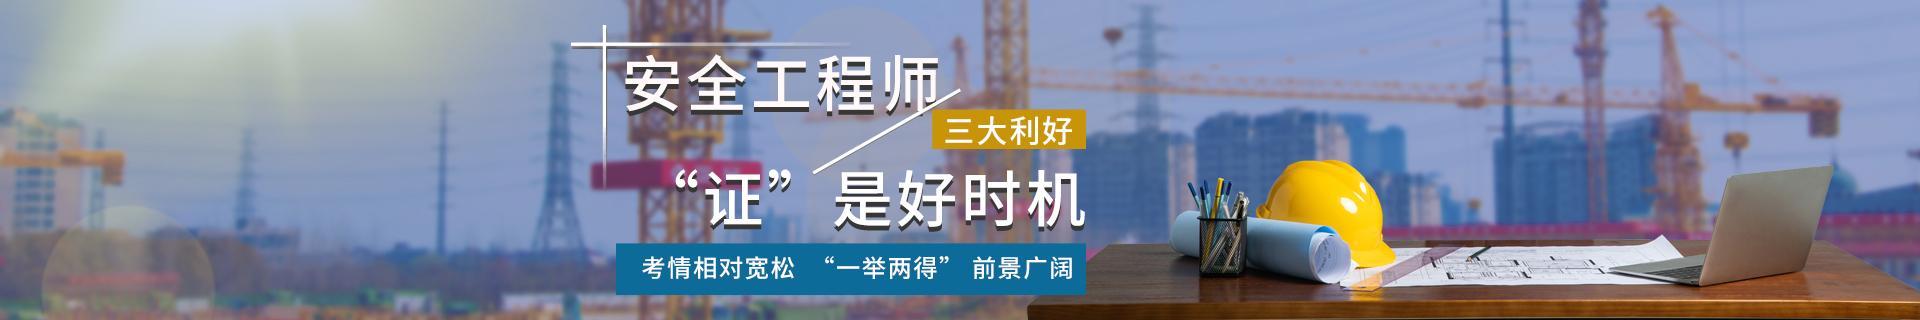 广西钦州优路教育培训学校